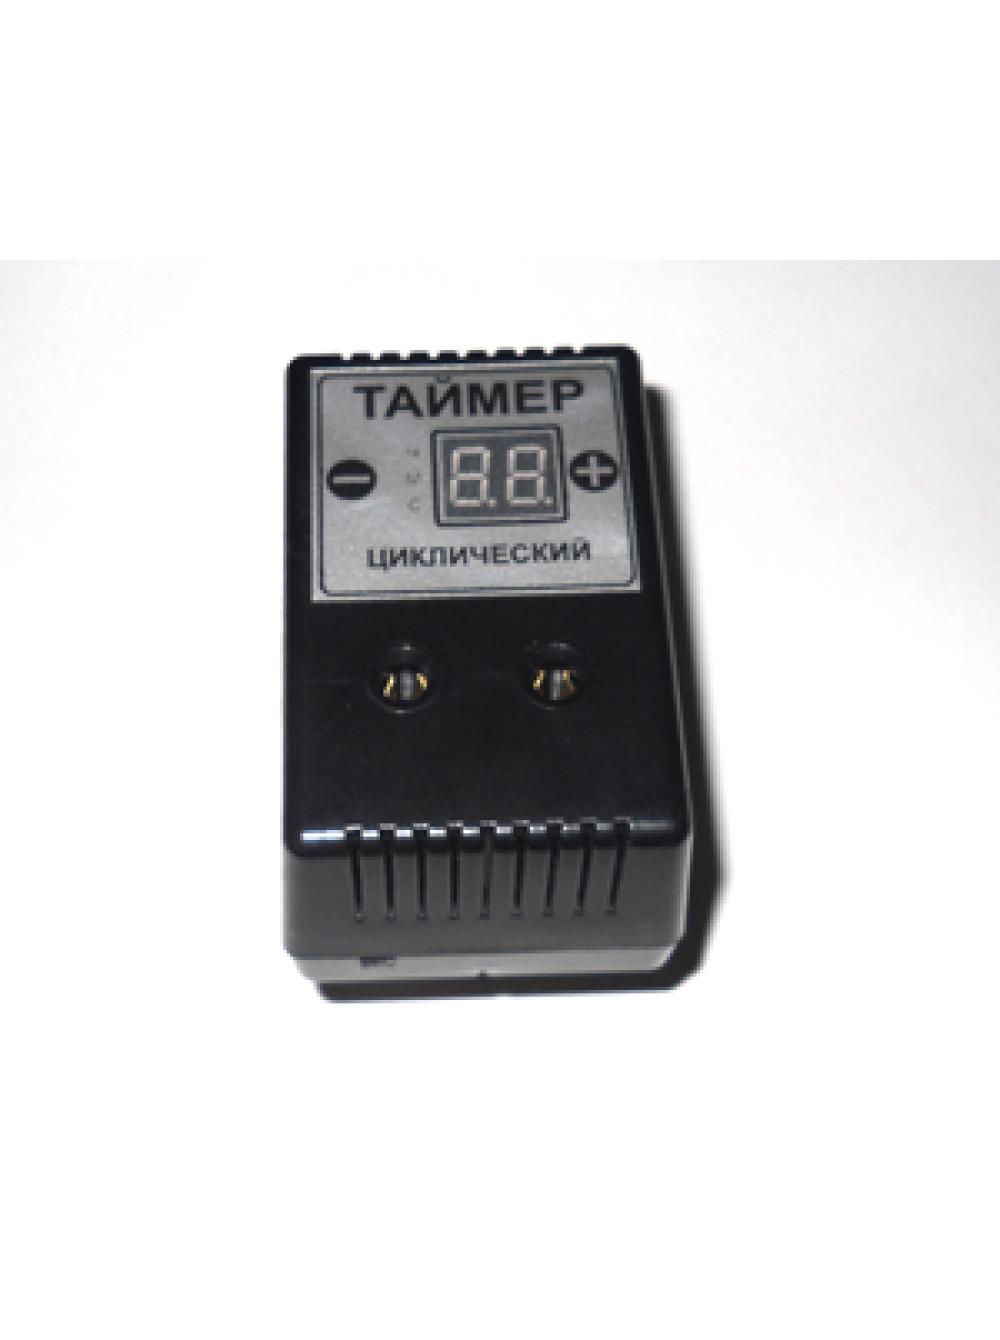 Таймер для самогонного аппарата высоко технологическии самогонный аппарат чертежи